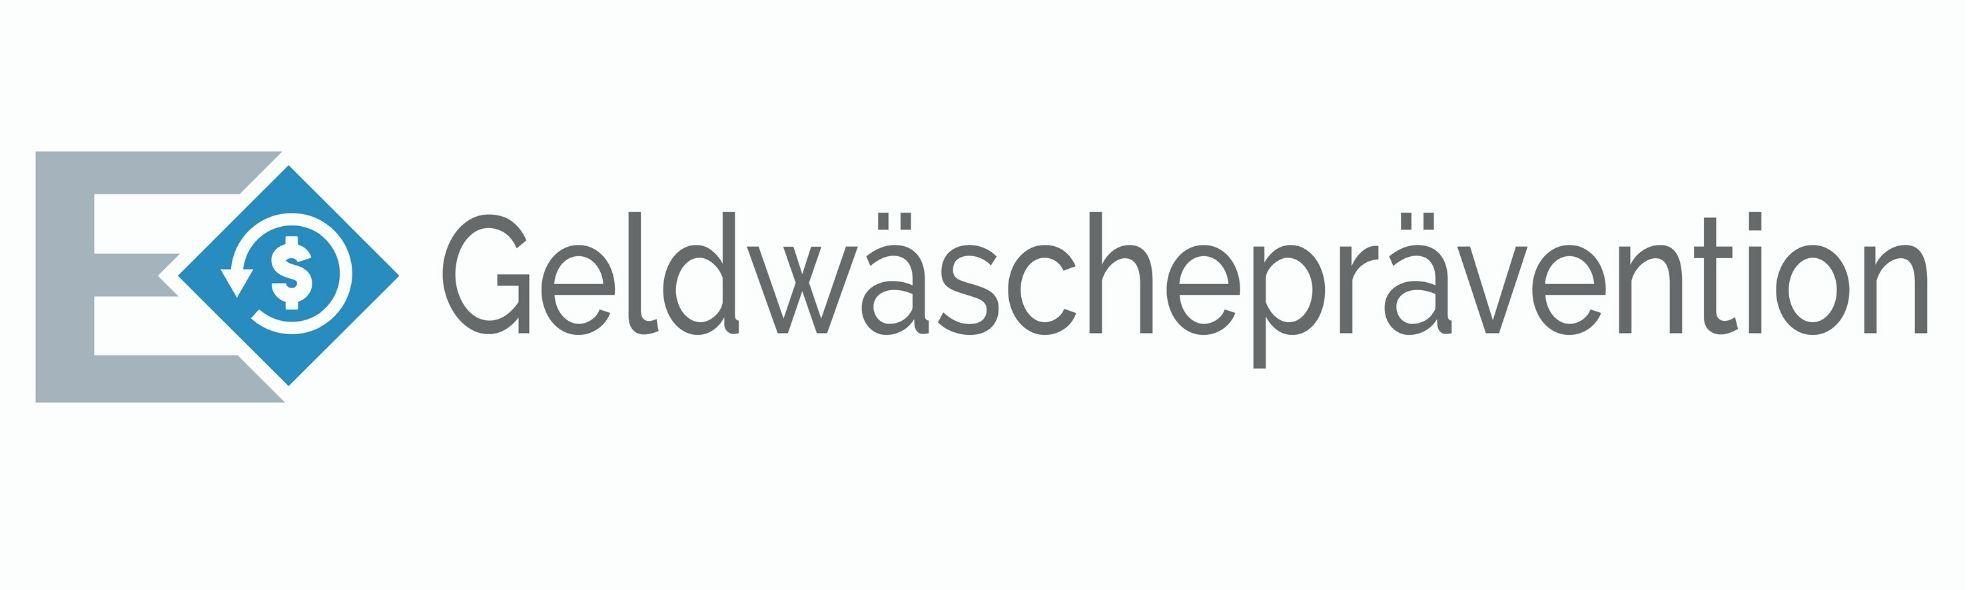 geldwaeschepraevention-aus-heinsberg-ueber-die-euregio-im-gesamten-bundesgebiet